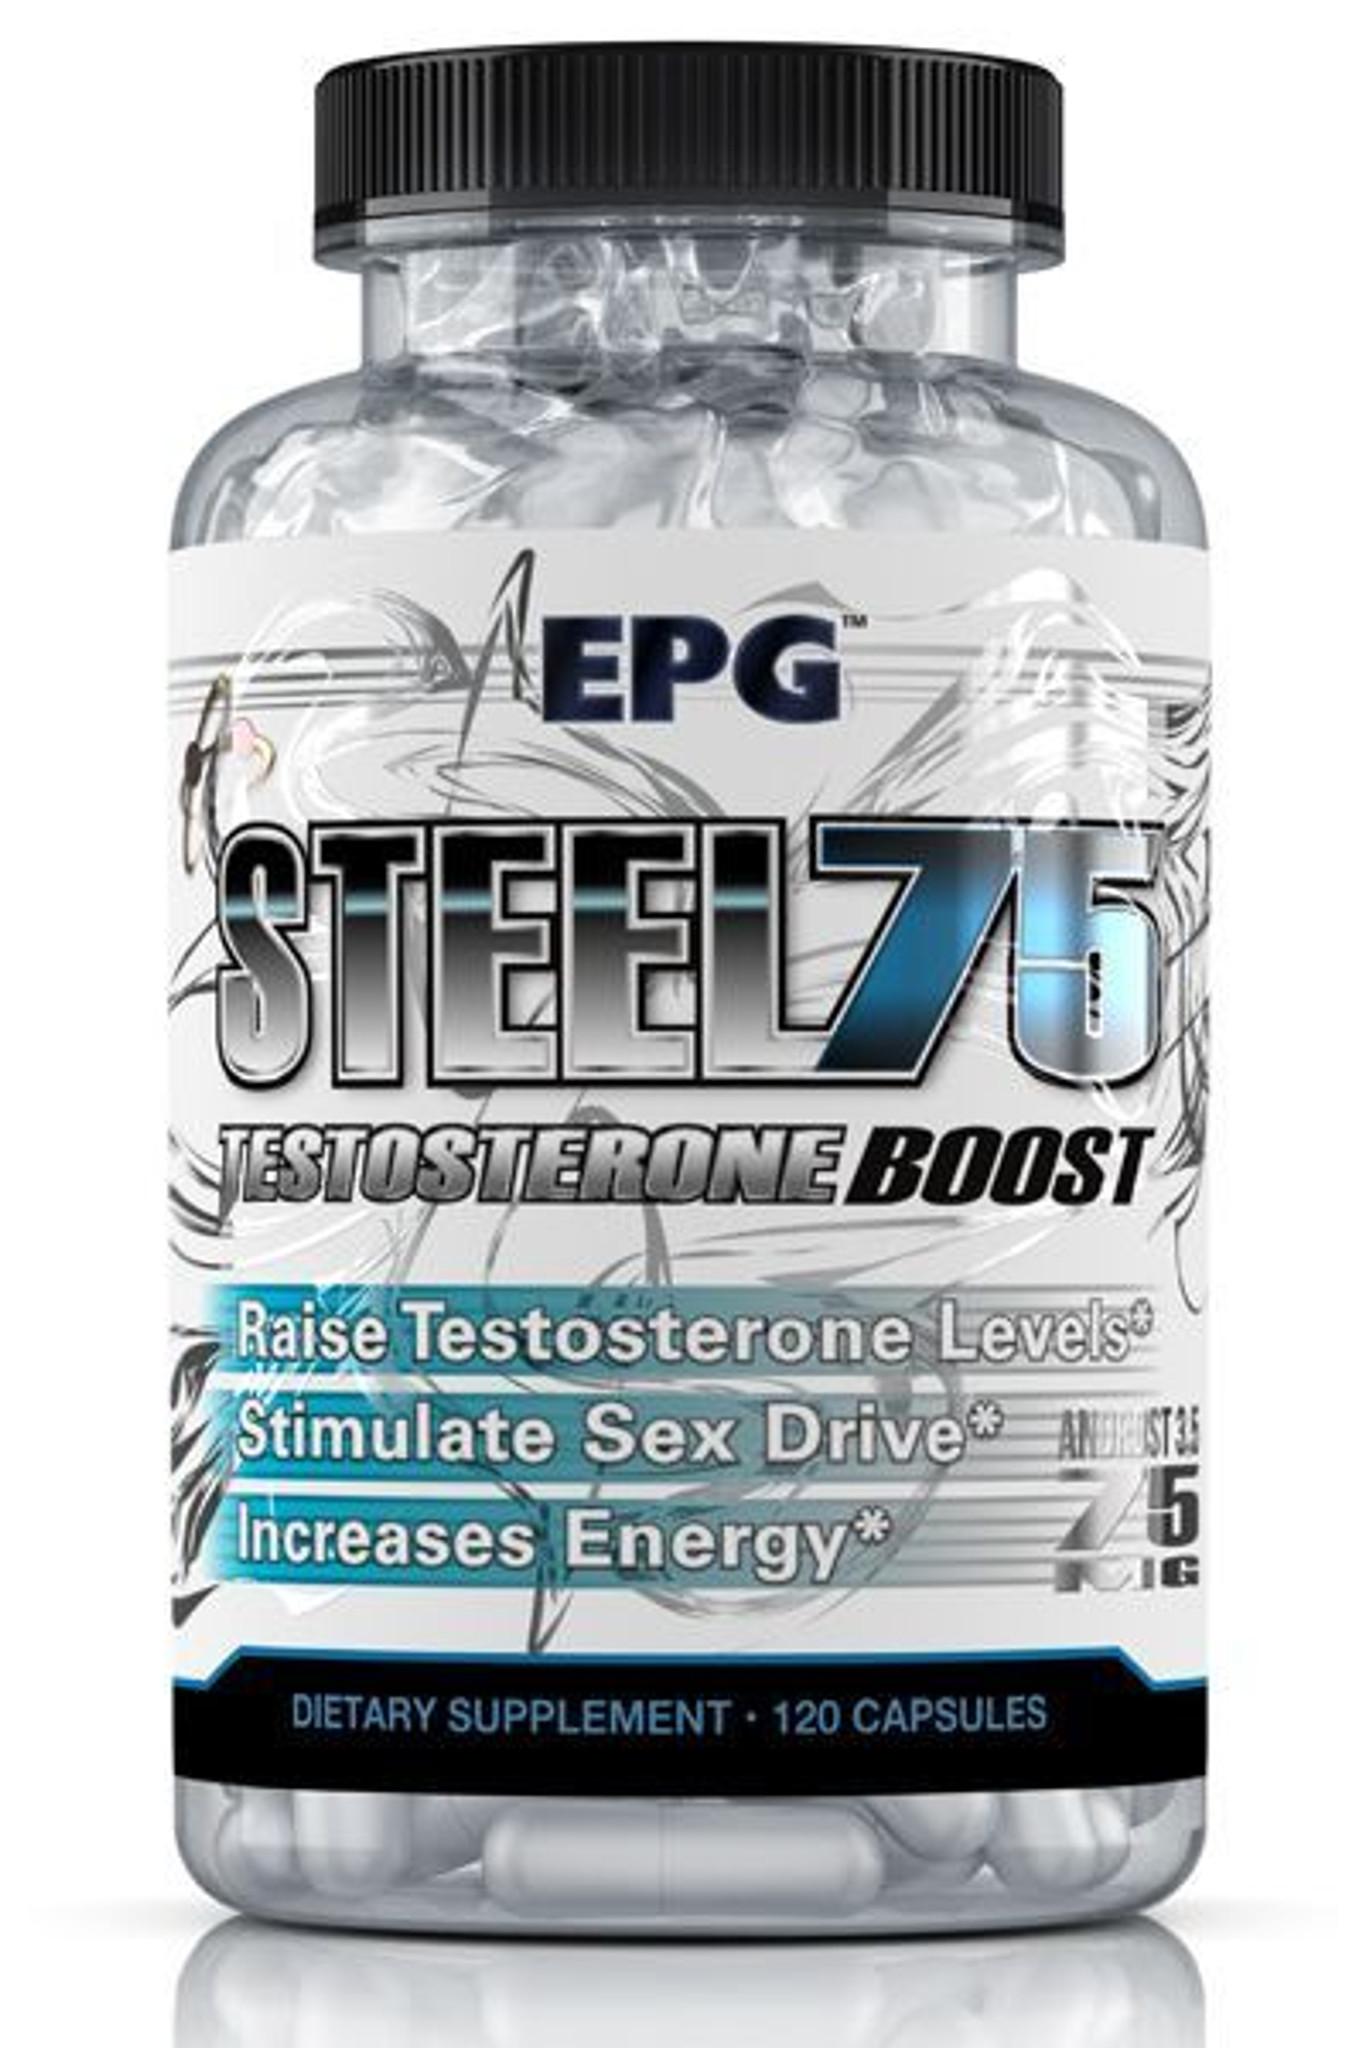 EPG STEEL 75 Testosterone Boost (Buy 1 Get 1 FREE)